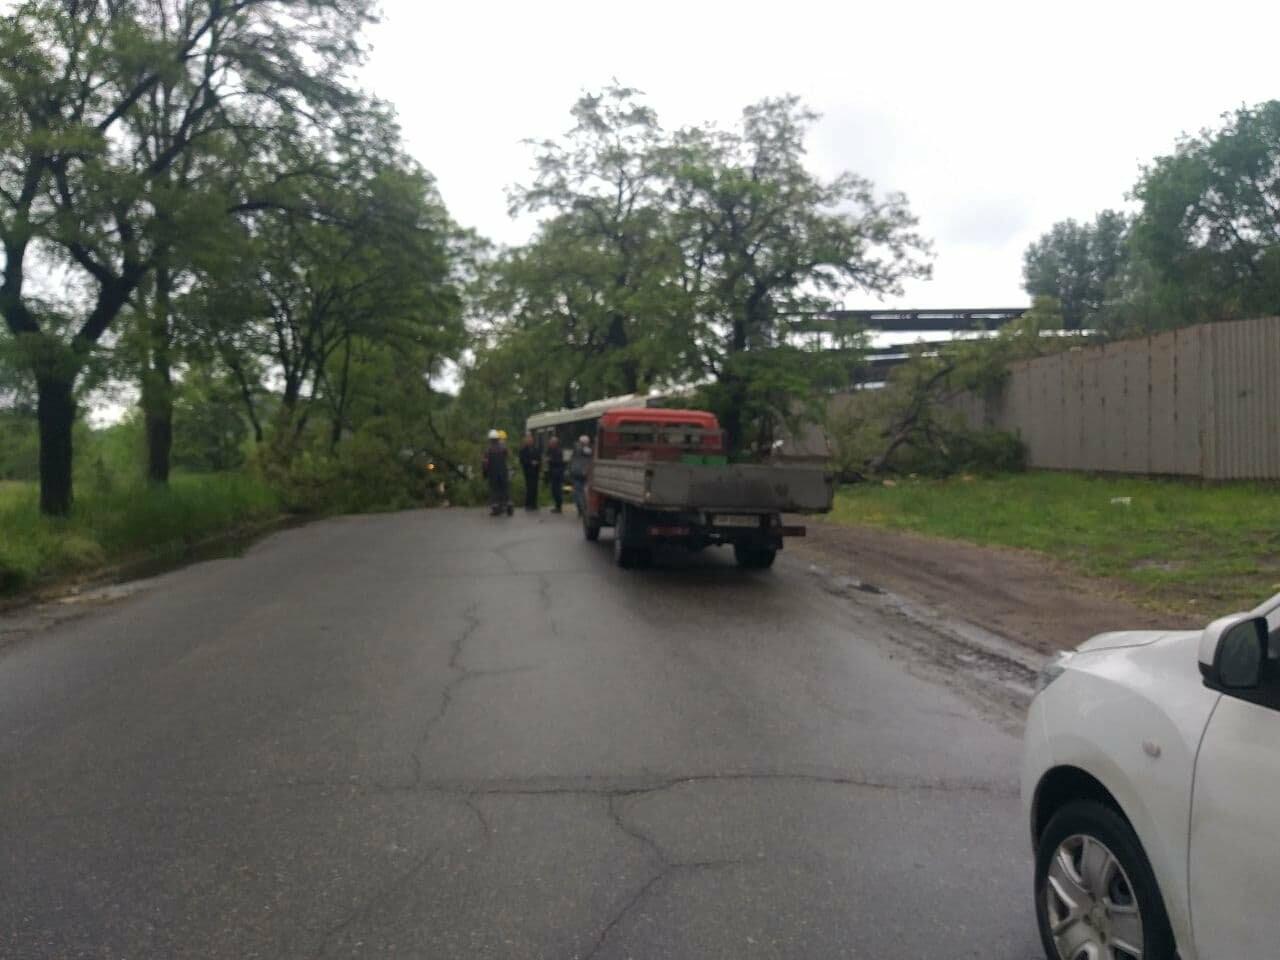 photo2021 06 0311 53 26 60b8d86b14bd9 - В Запорожье коммунальный автобус врезался в дерево: в ДТП пострадали двое человек, - ФОТО